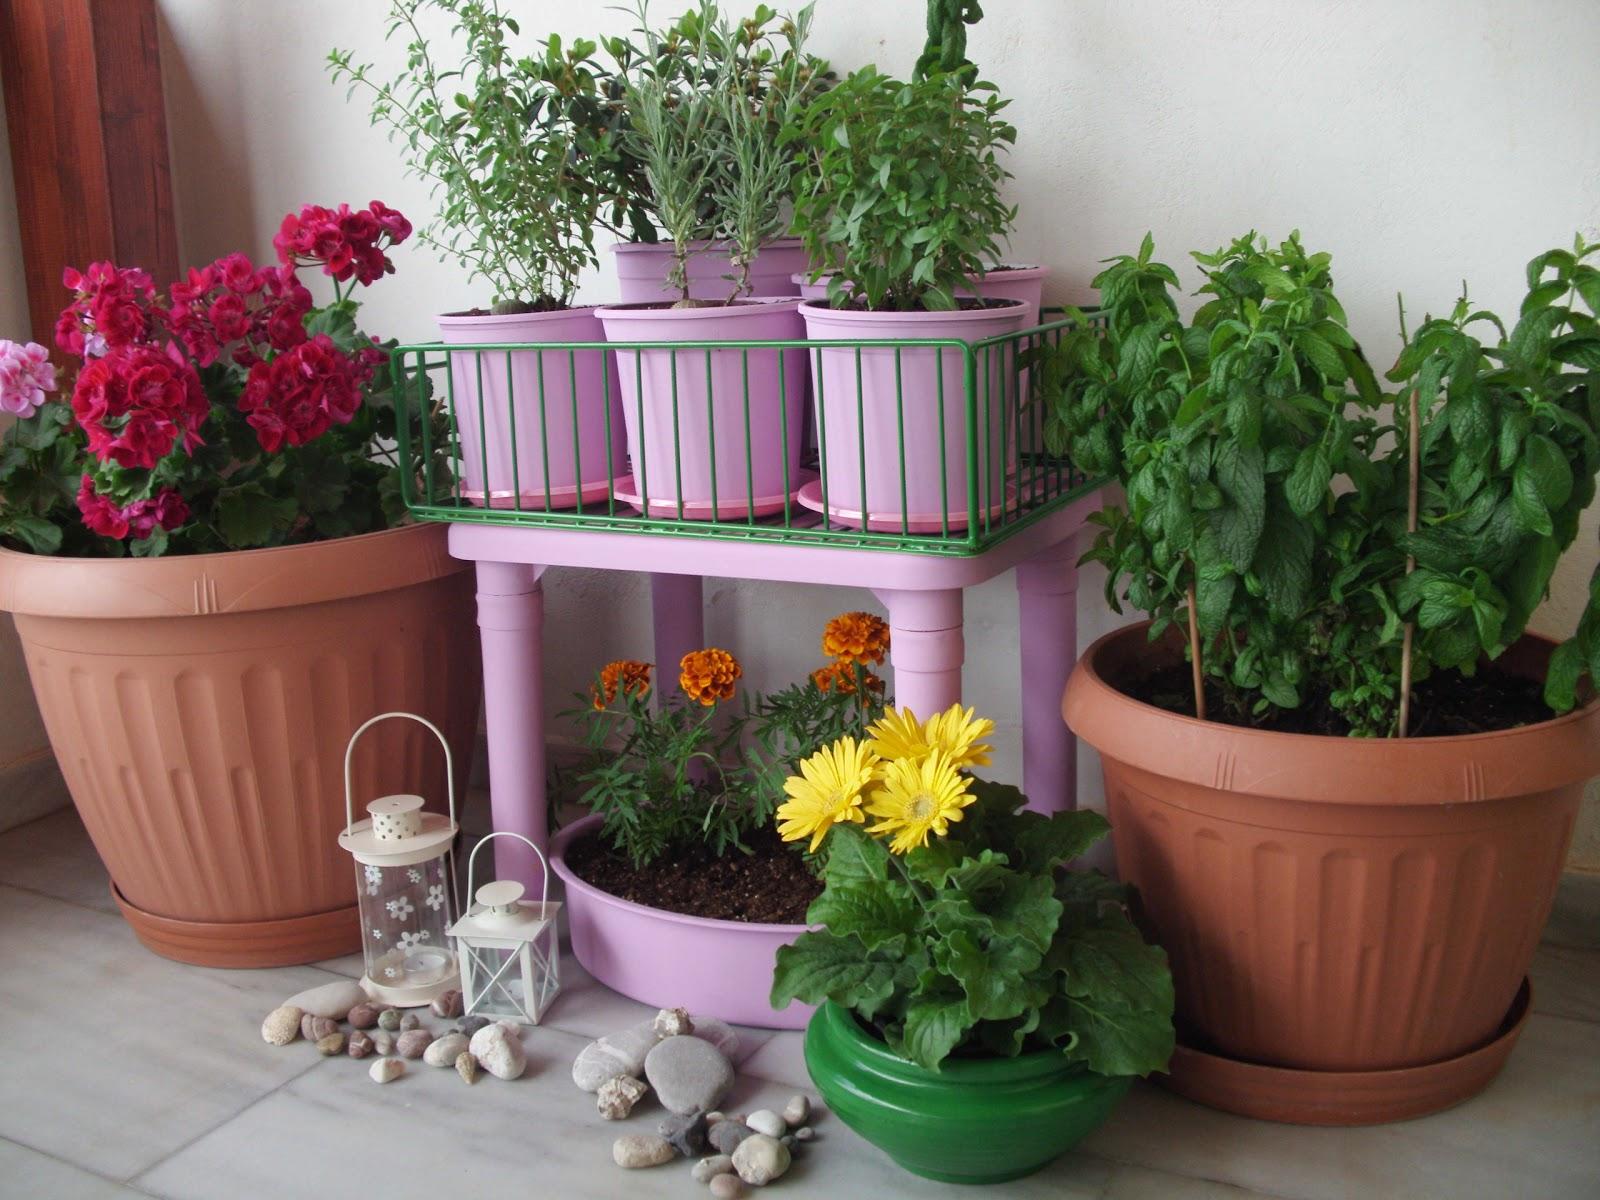 Φτιάξε μια όμορφη γωνιά στο μπαλκόνι σου με λουλούδια.